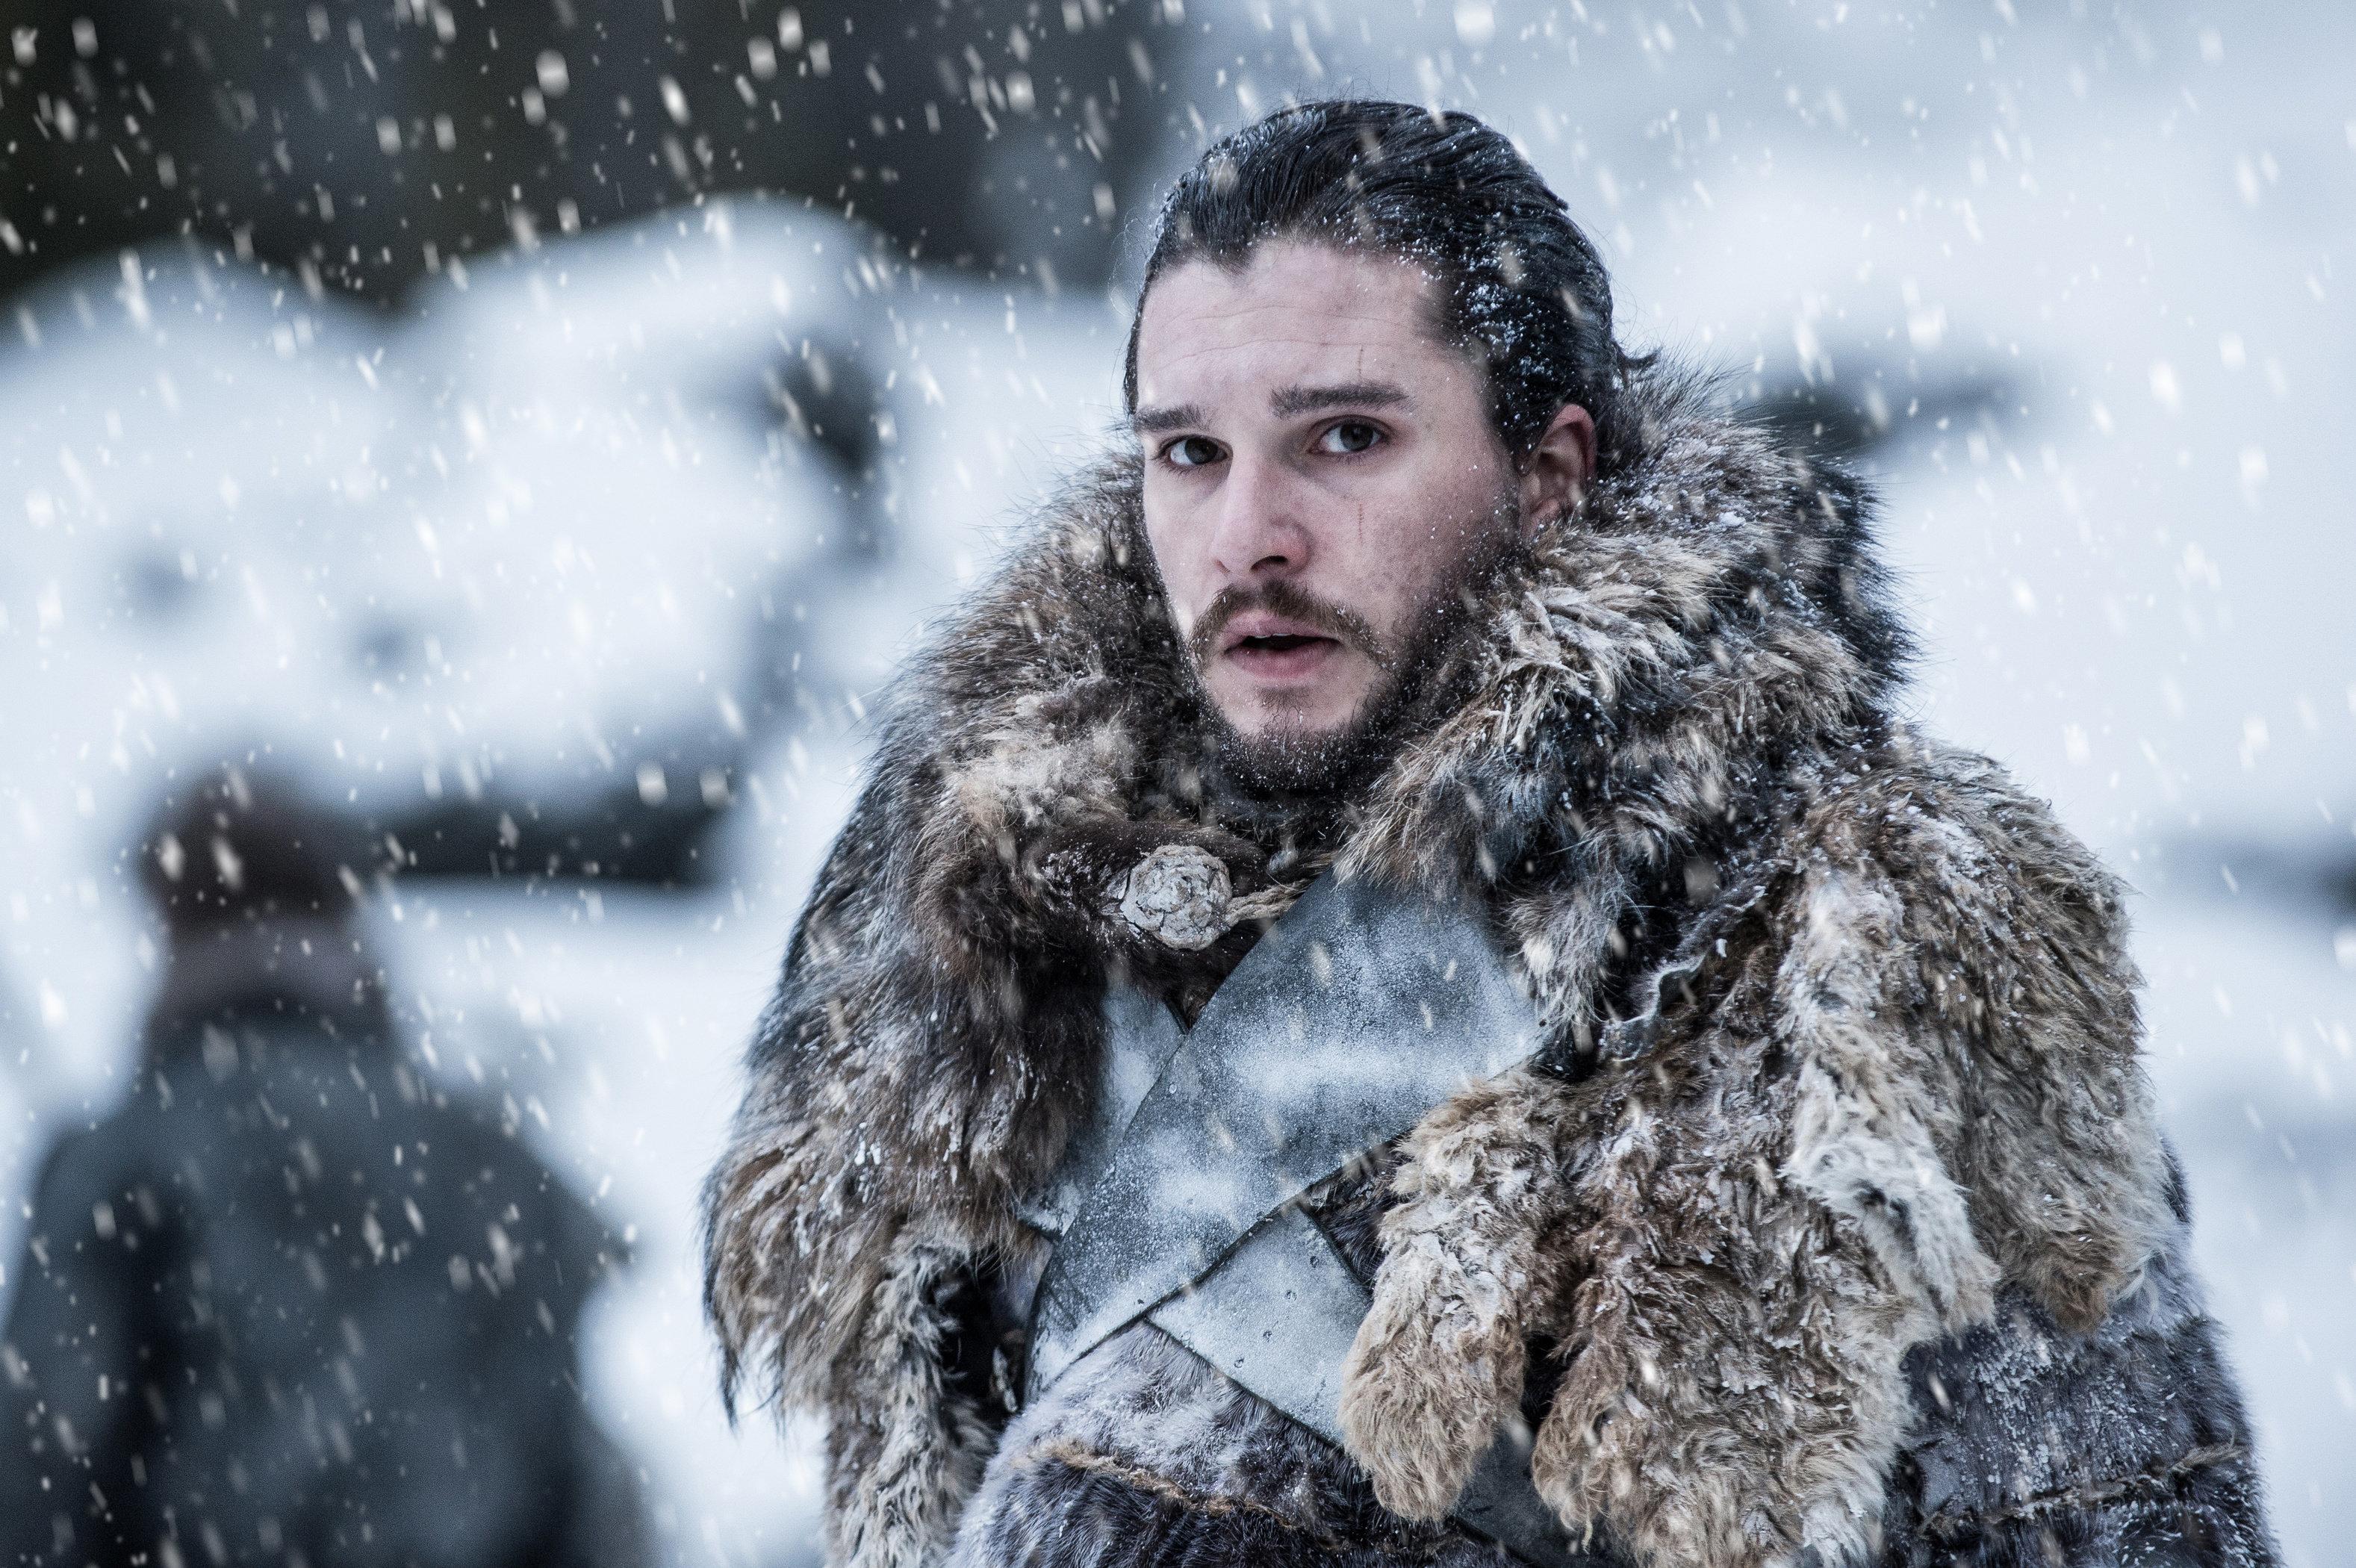 'Game Of Thrones' confirma a teoria mais assustadora sobre